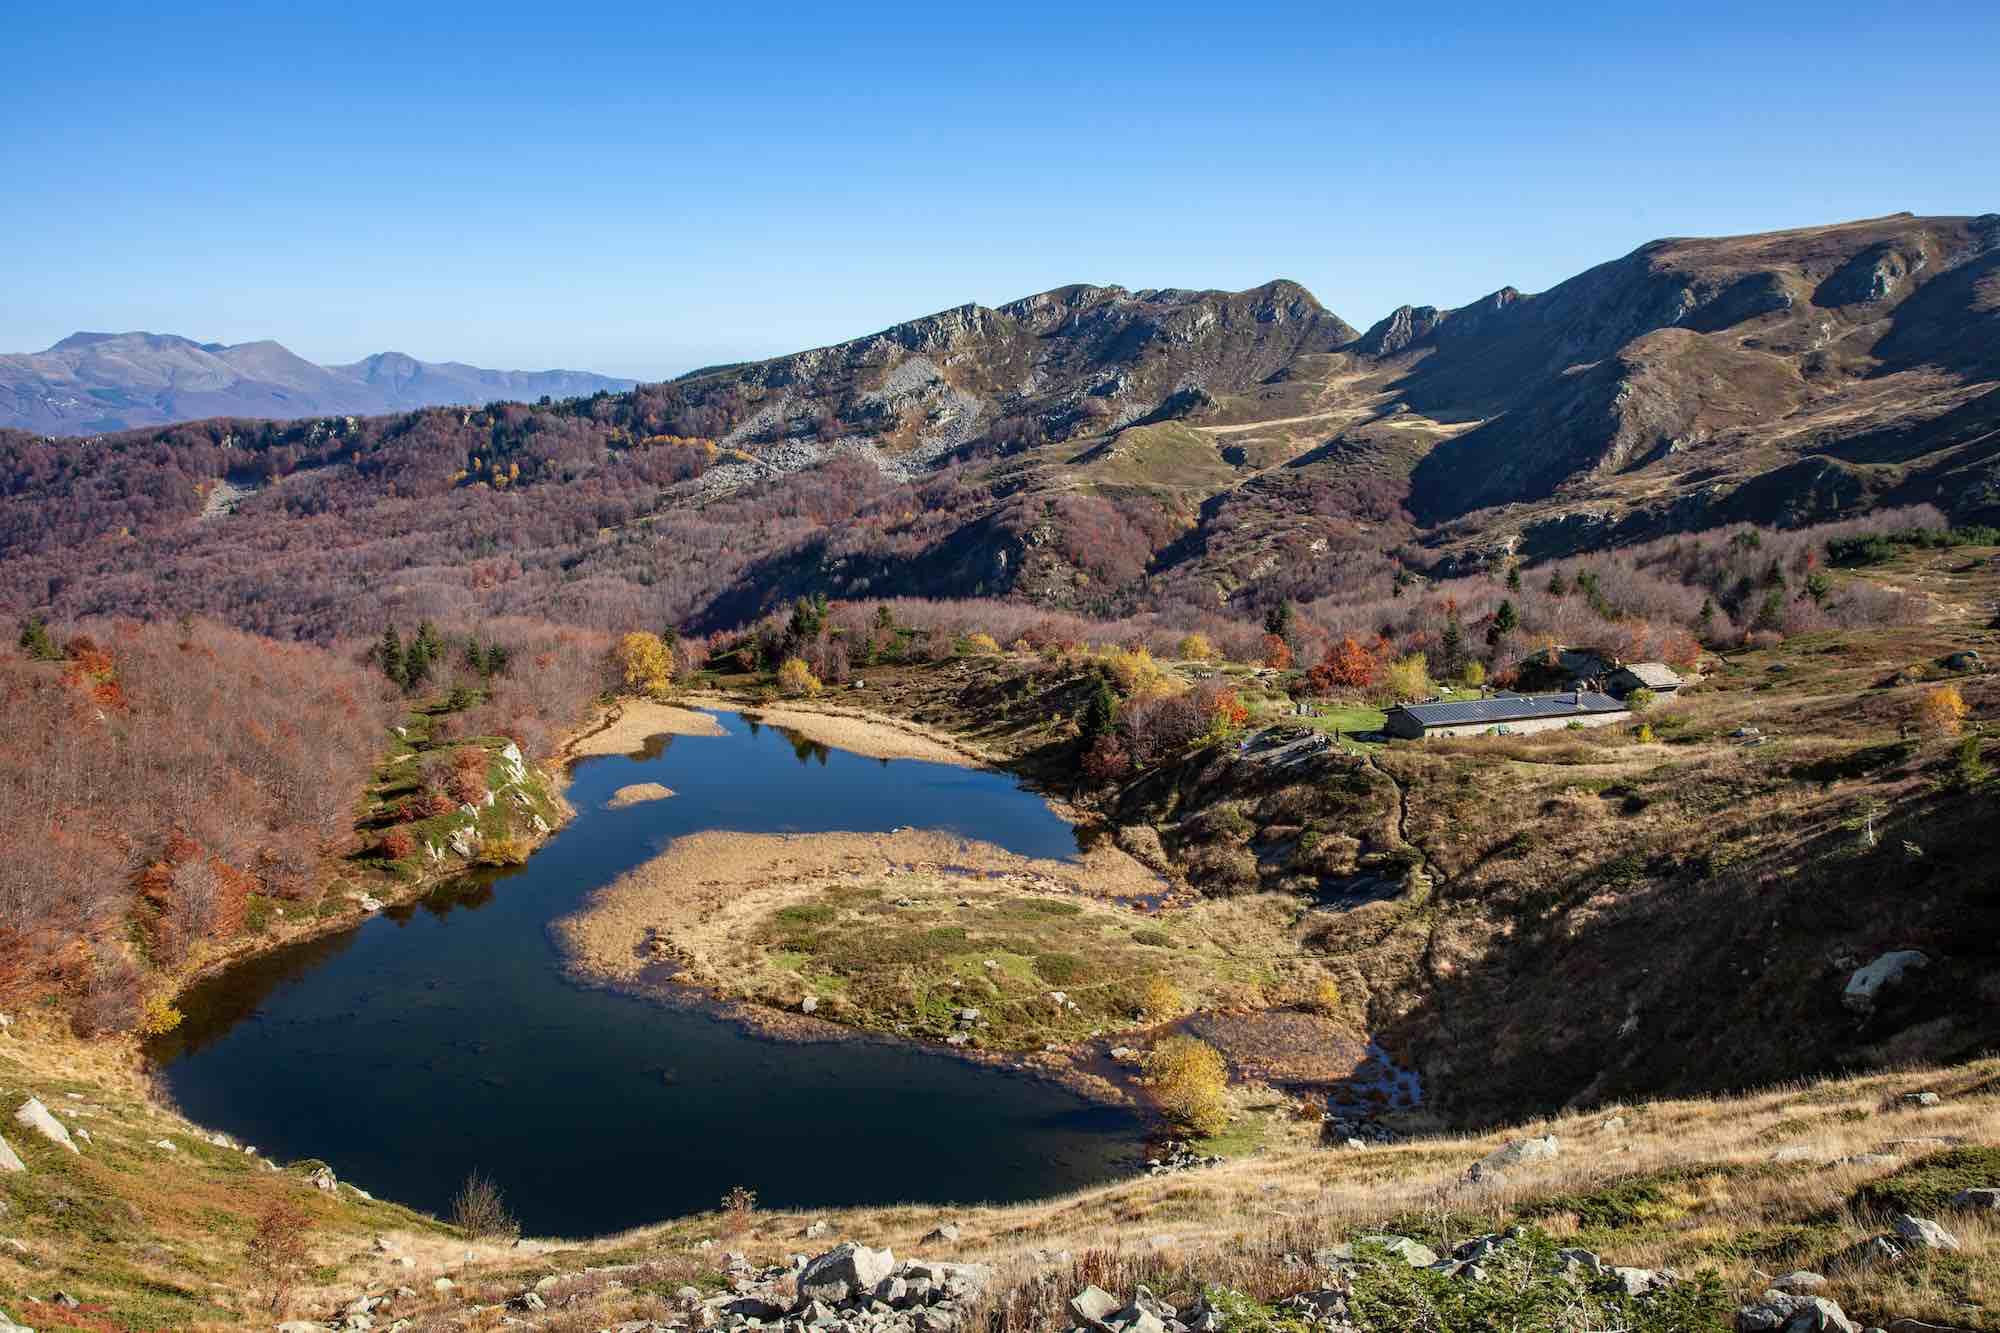 Il Lago Nero si trova sull'Appennino pistoiese, vicino alla località Abetone